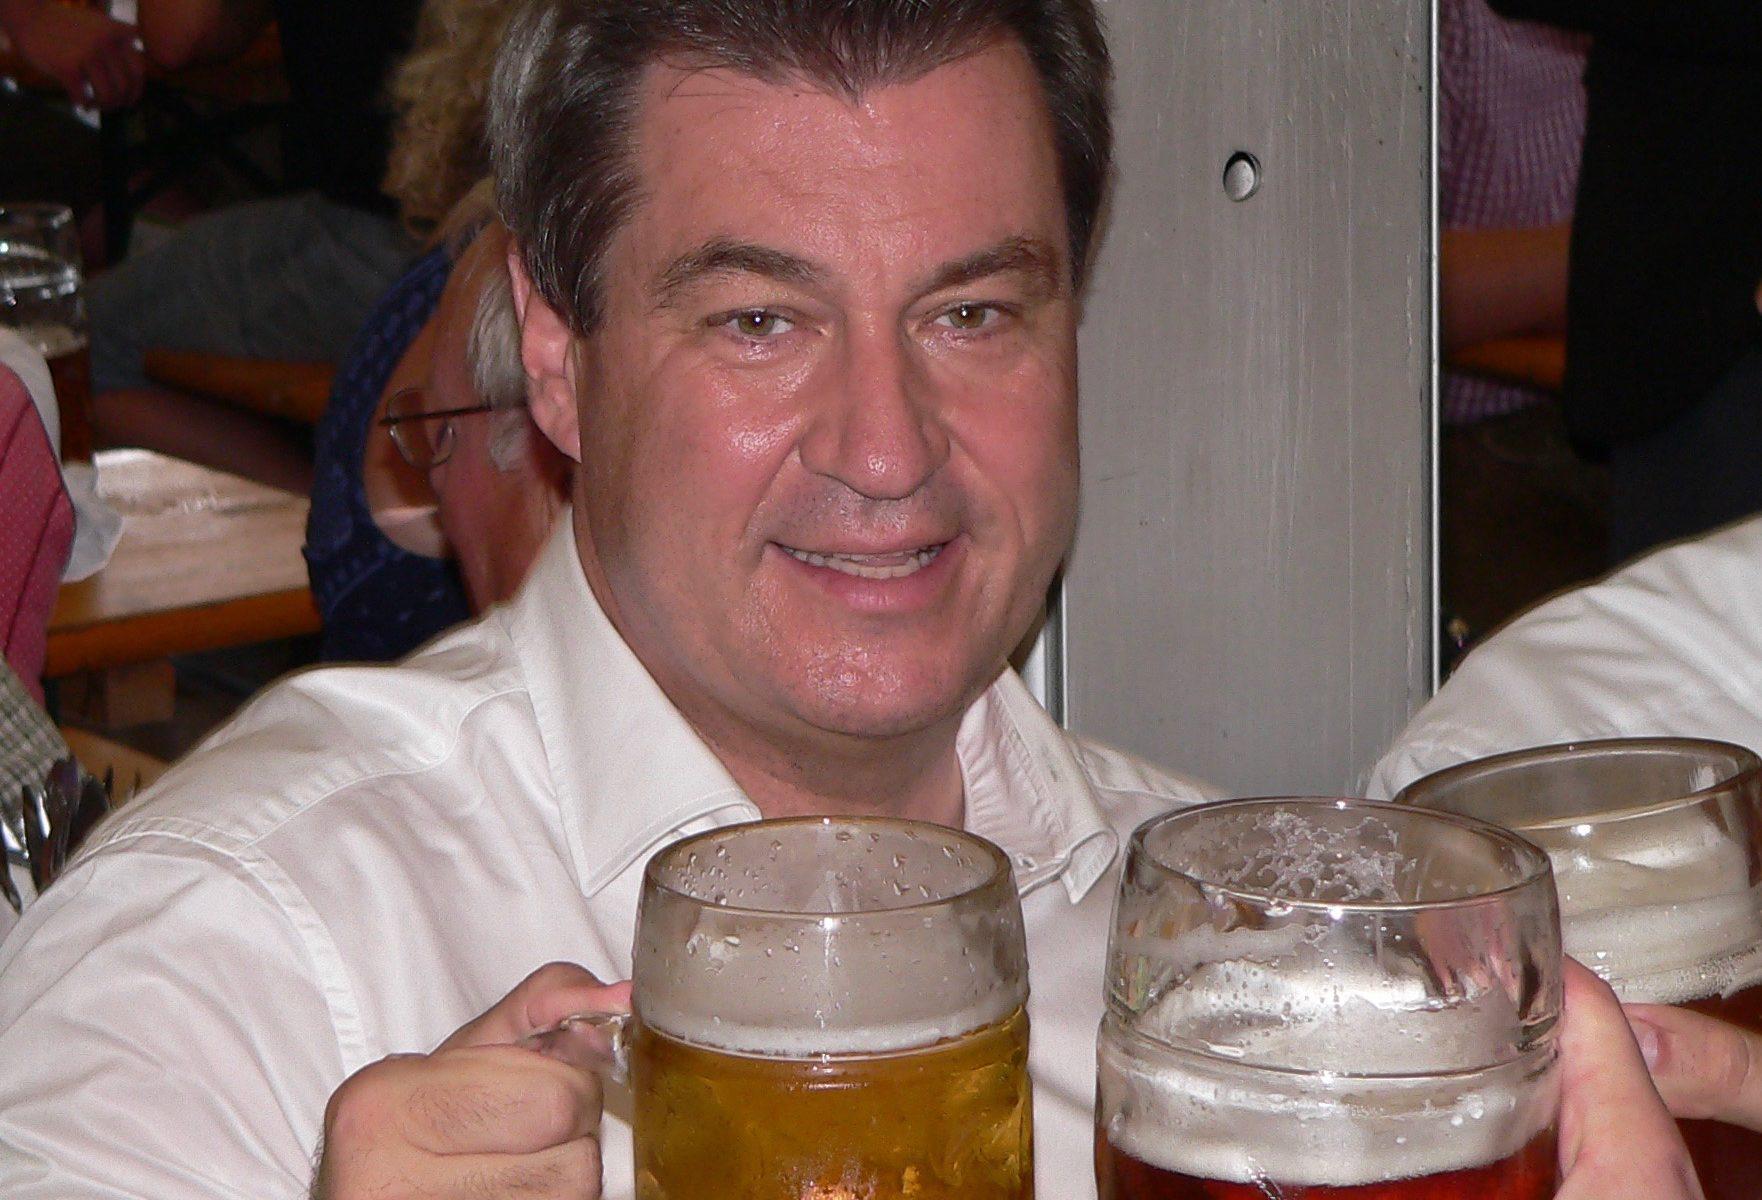 Bayerns Ministerpräsident Markus Söder besuchte die Lohrer Spessartfestwoche. | Fotos: B. Schneider